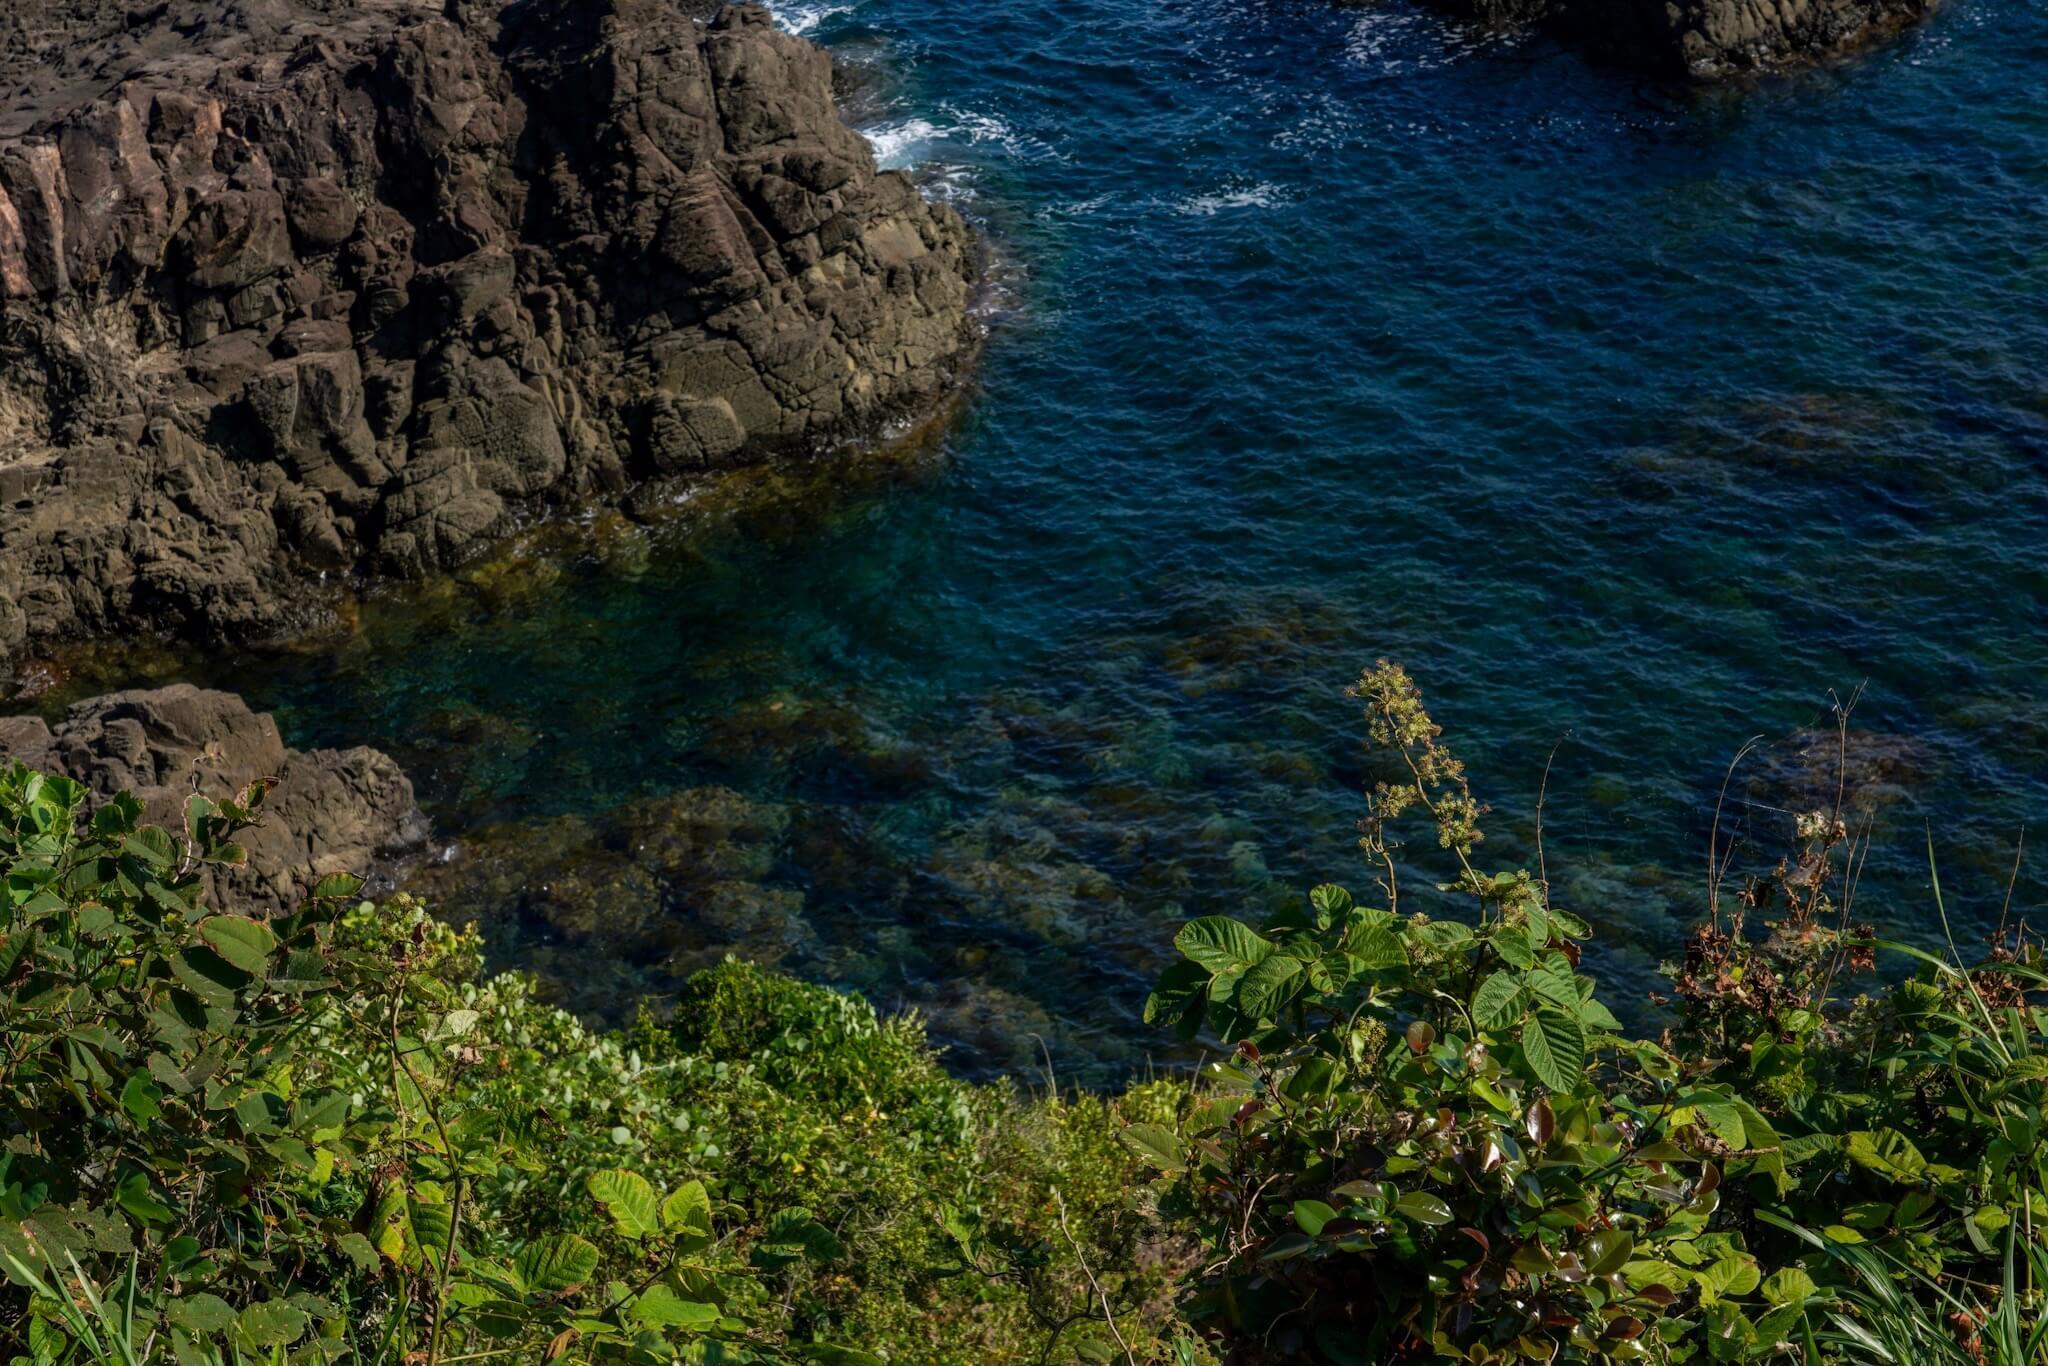 聖域の岬・青の洞窟 パワースポット